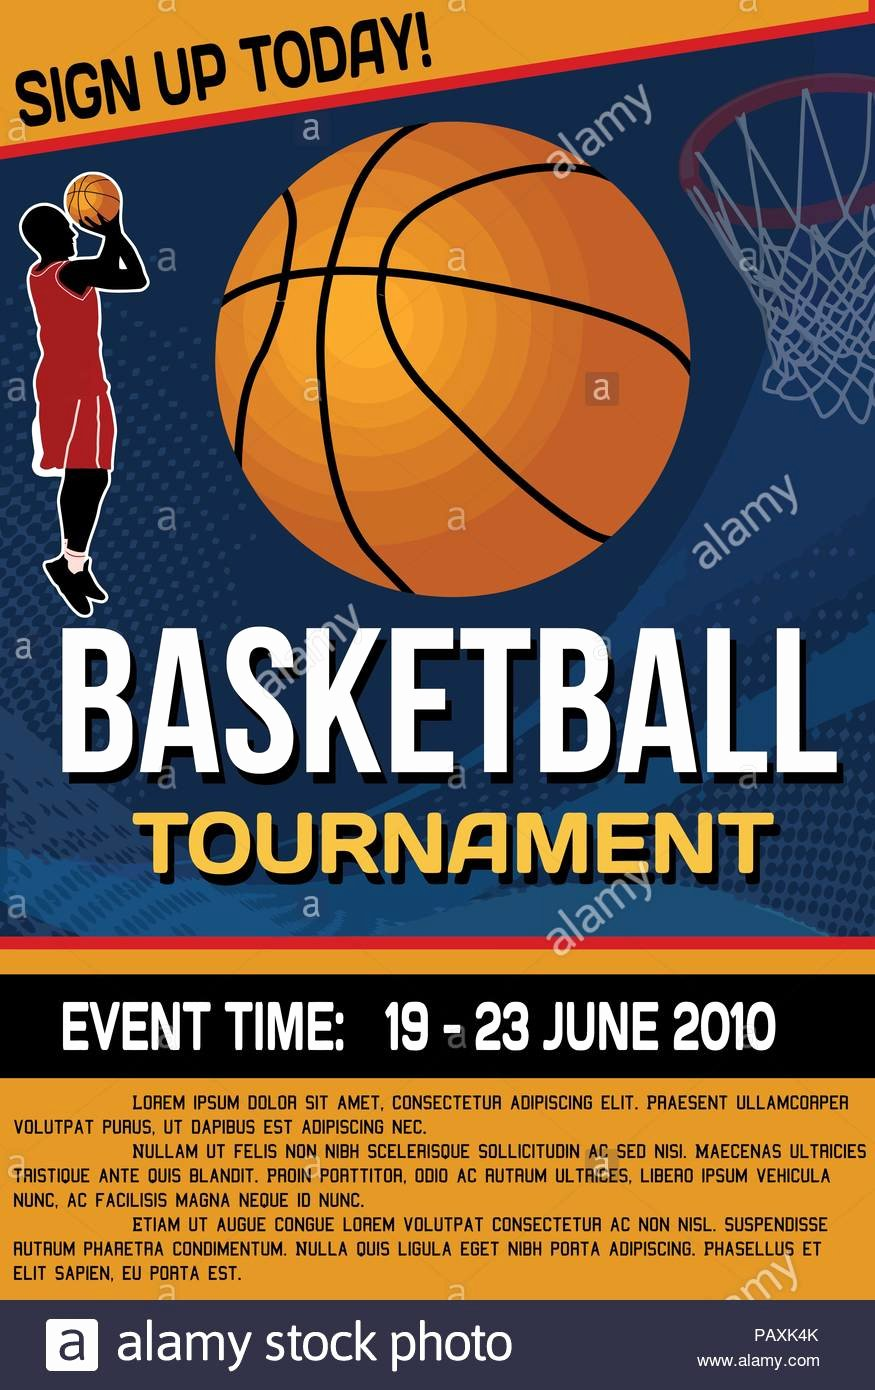 Basketball tournament Flyer Template Fresh Basketball tournament Flyer or Poster Background Vector Illustration Stock Vector Art